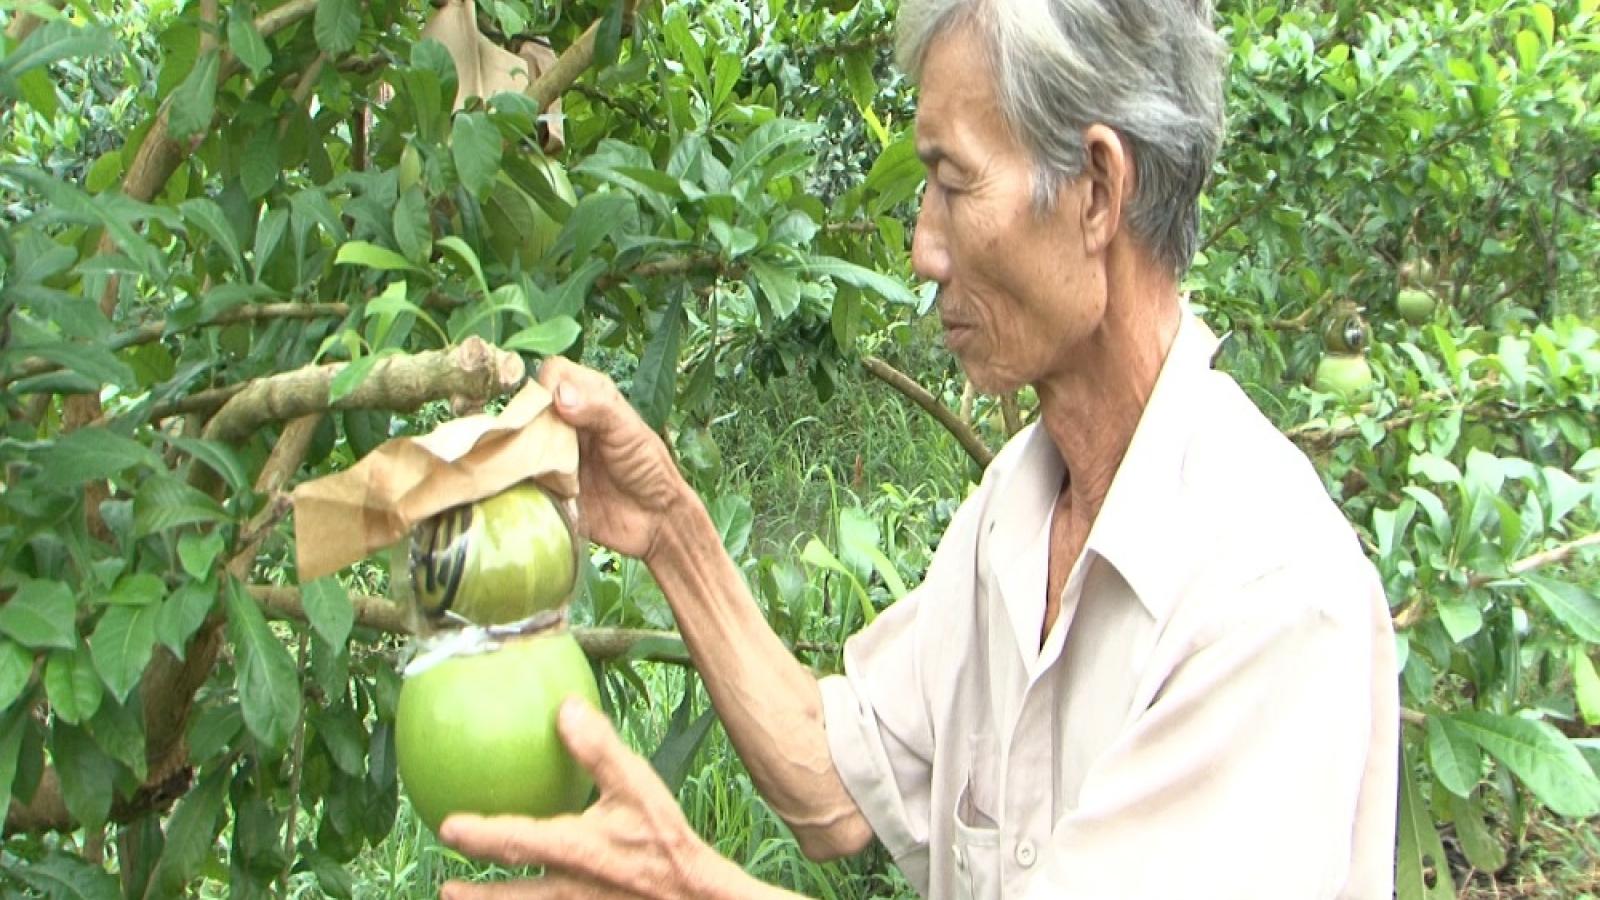 Hậu Giang cung cấp hơn 26.000 tấn trái cây phục vụ thị trường Tết